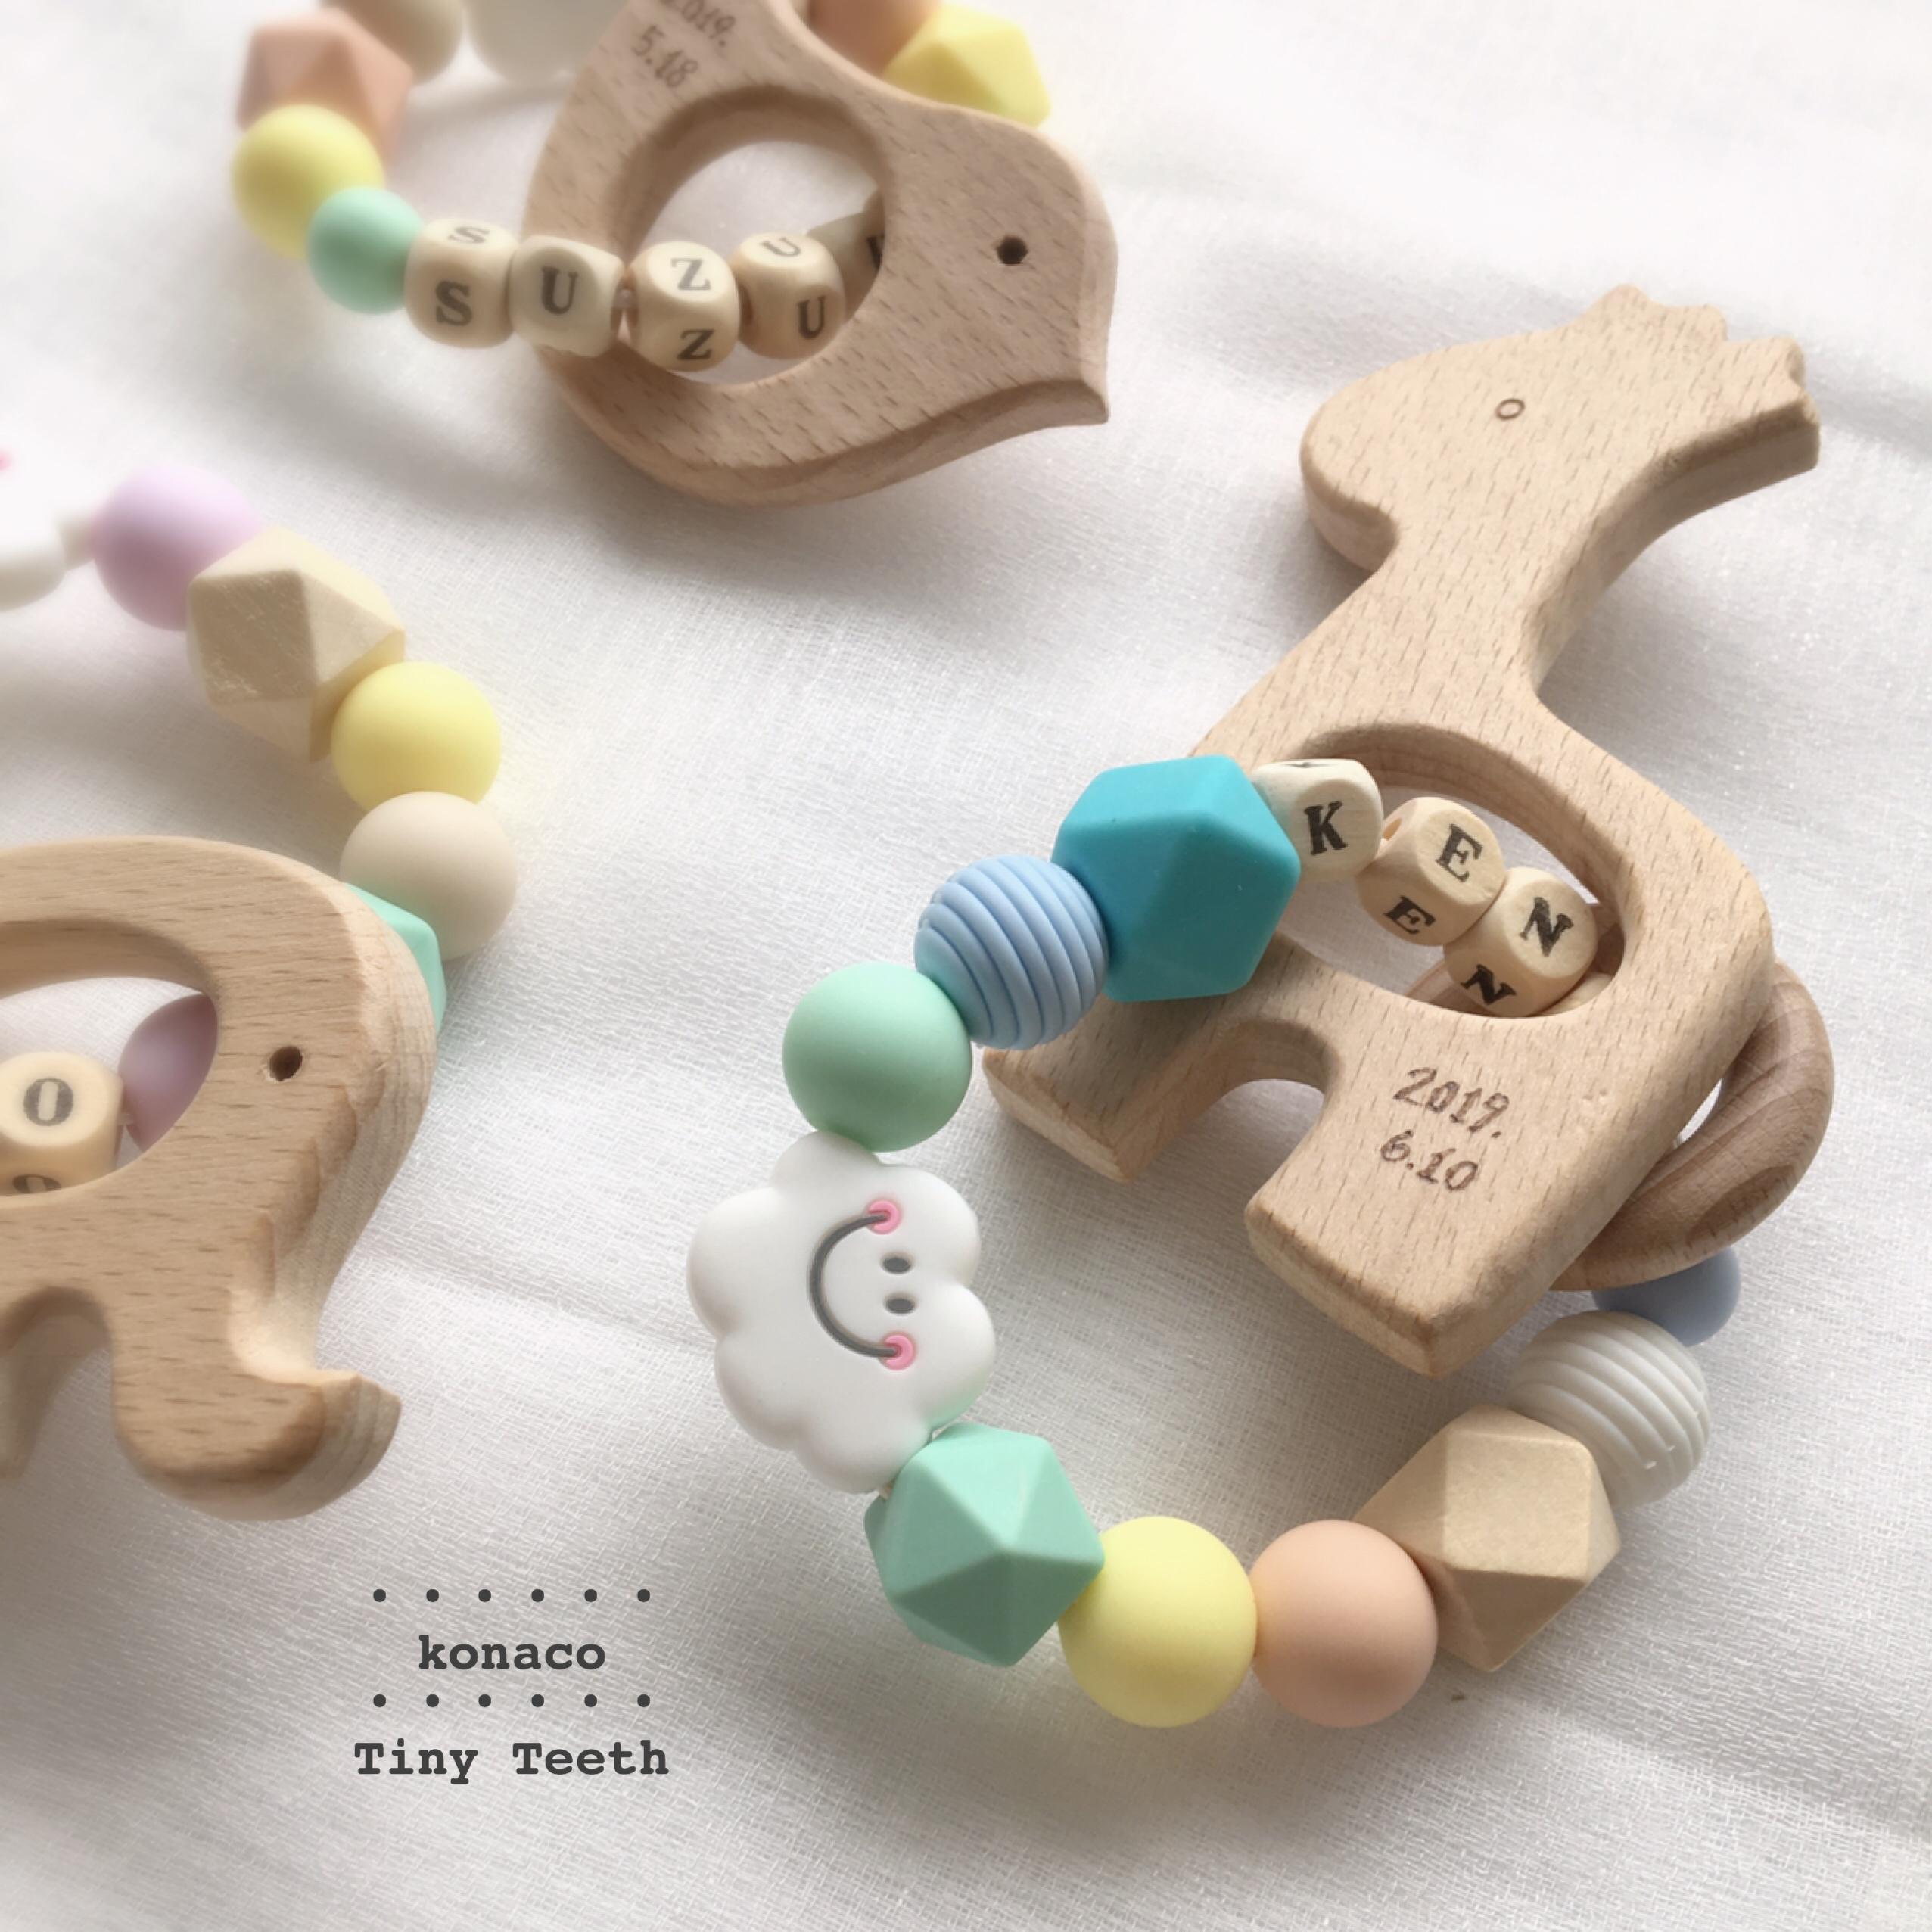 歯固め*フルオーダー*Tiny Teeth*生年月日刻印可*出産祝い*名入れ